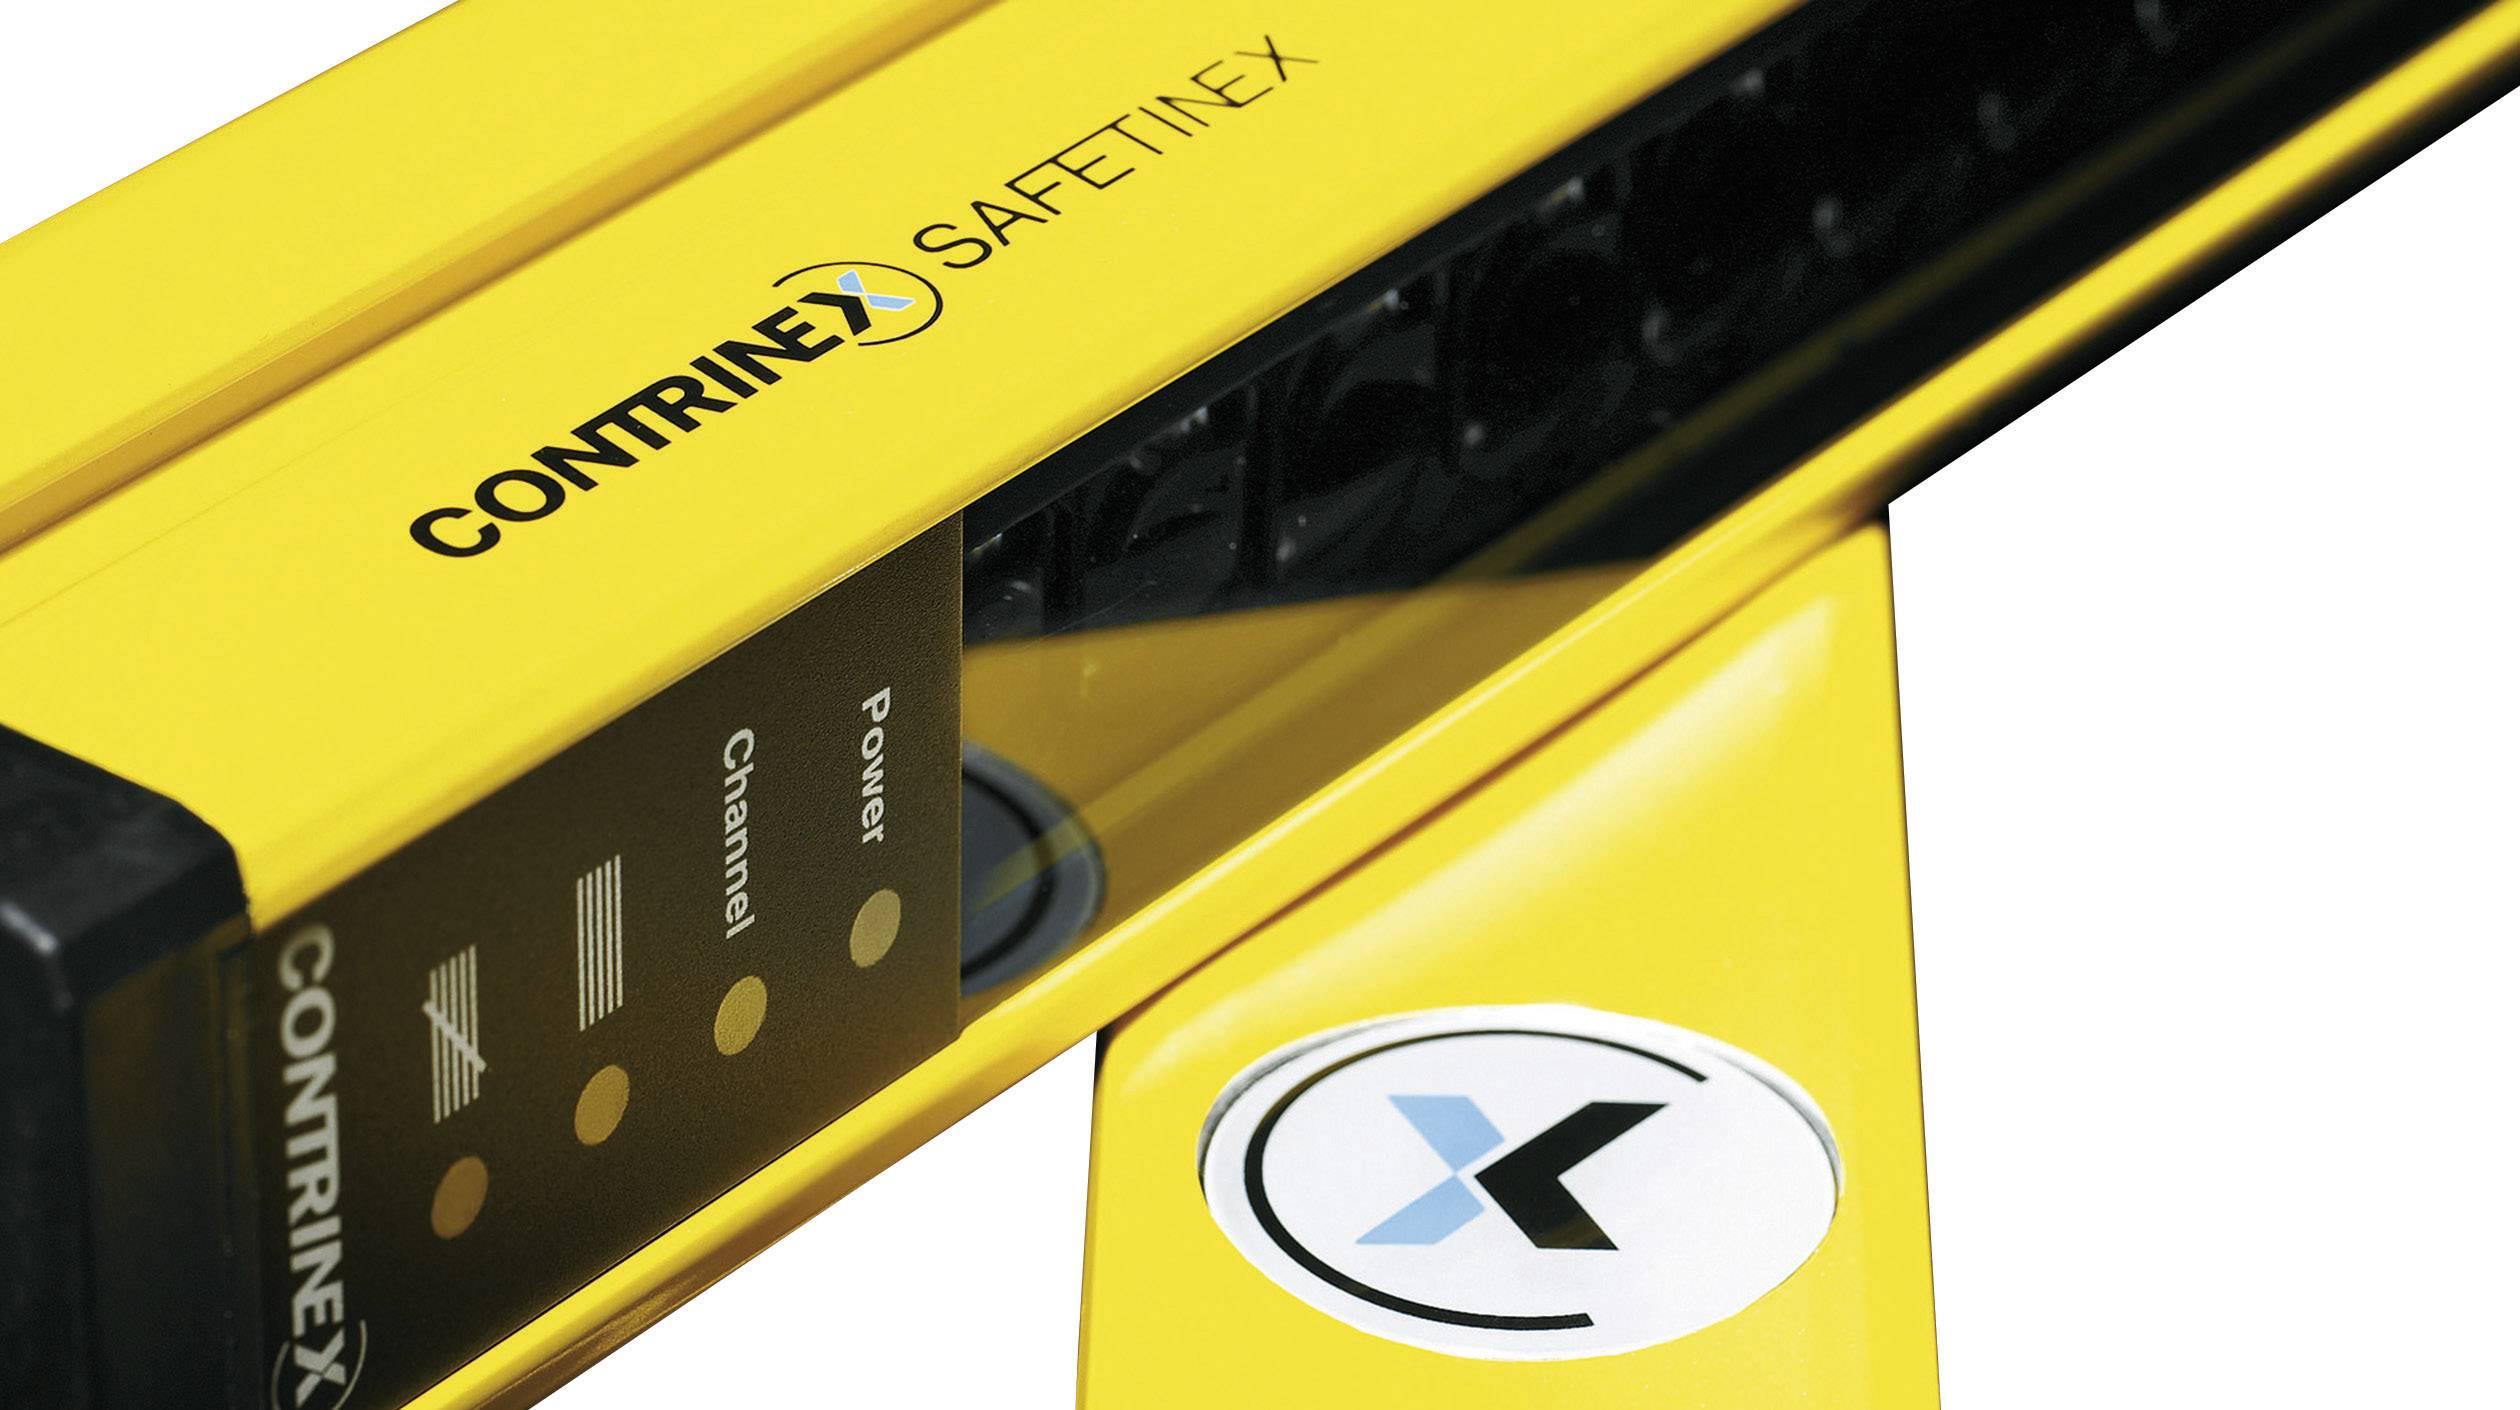 Vícepaprsková bezpečnostní světelná závora pro ochranu osob Contrinex YCA-50S4-3500-G012 630 100 061